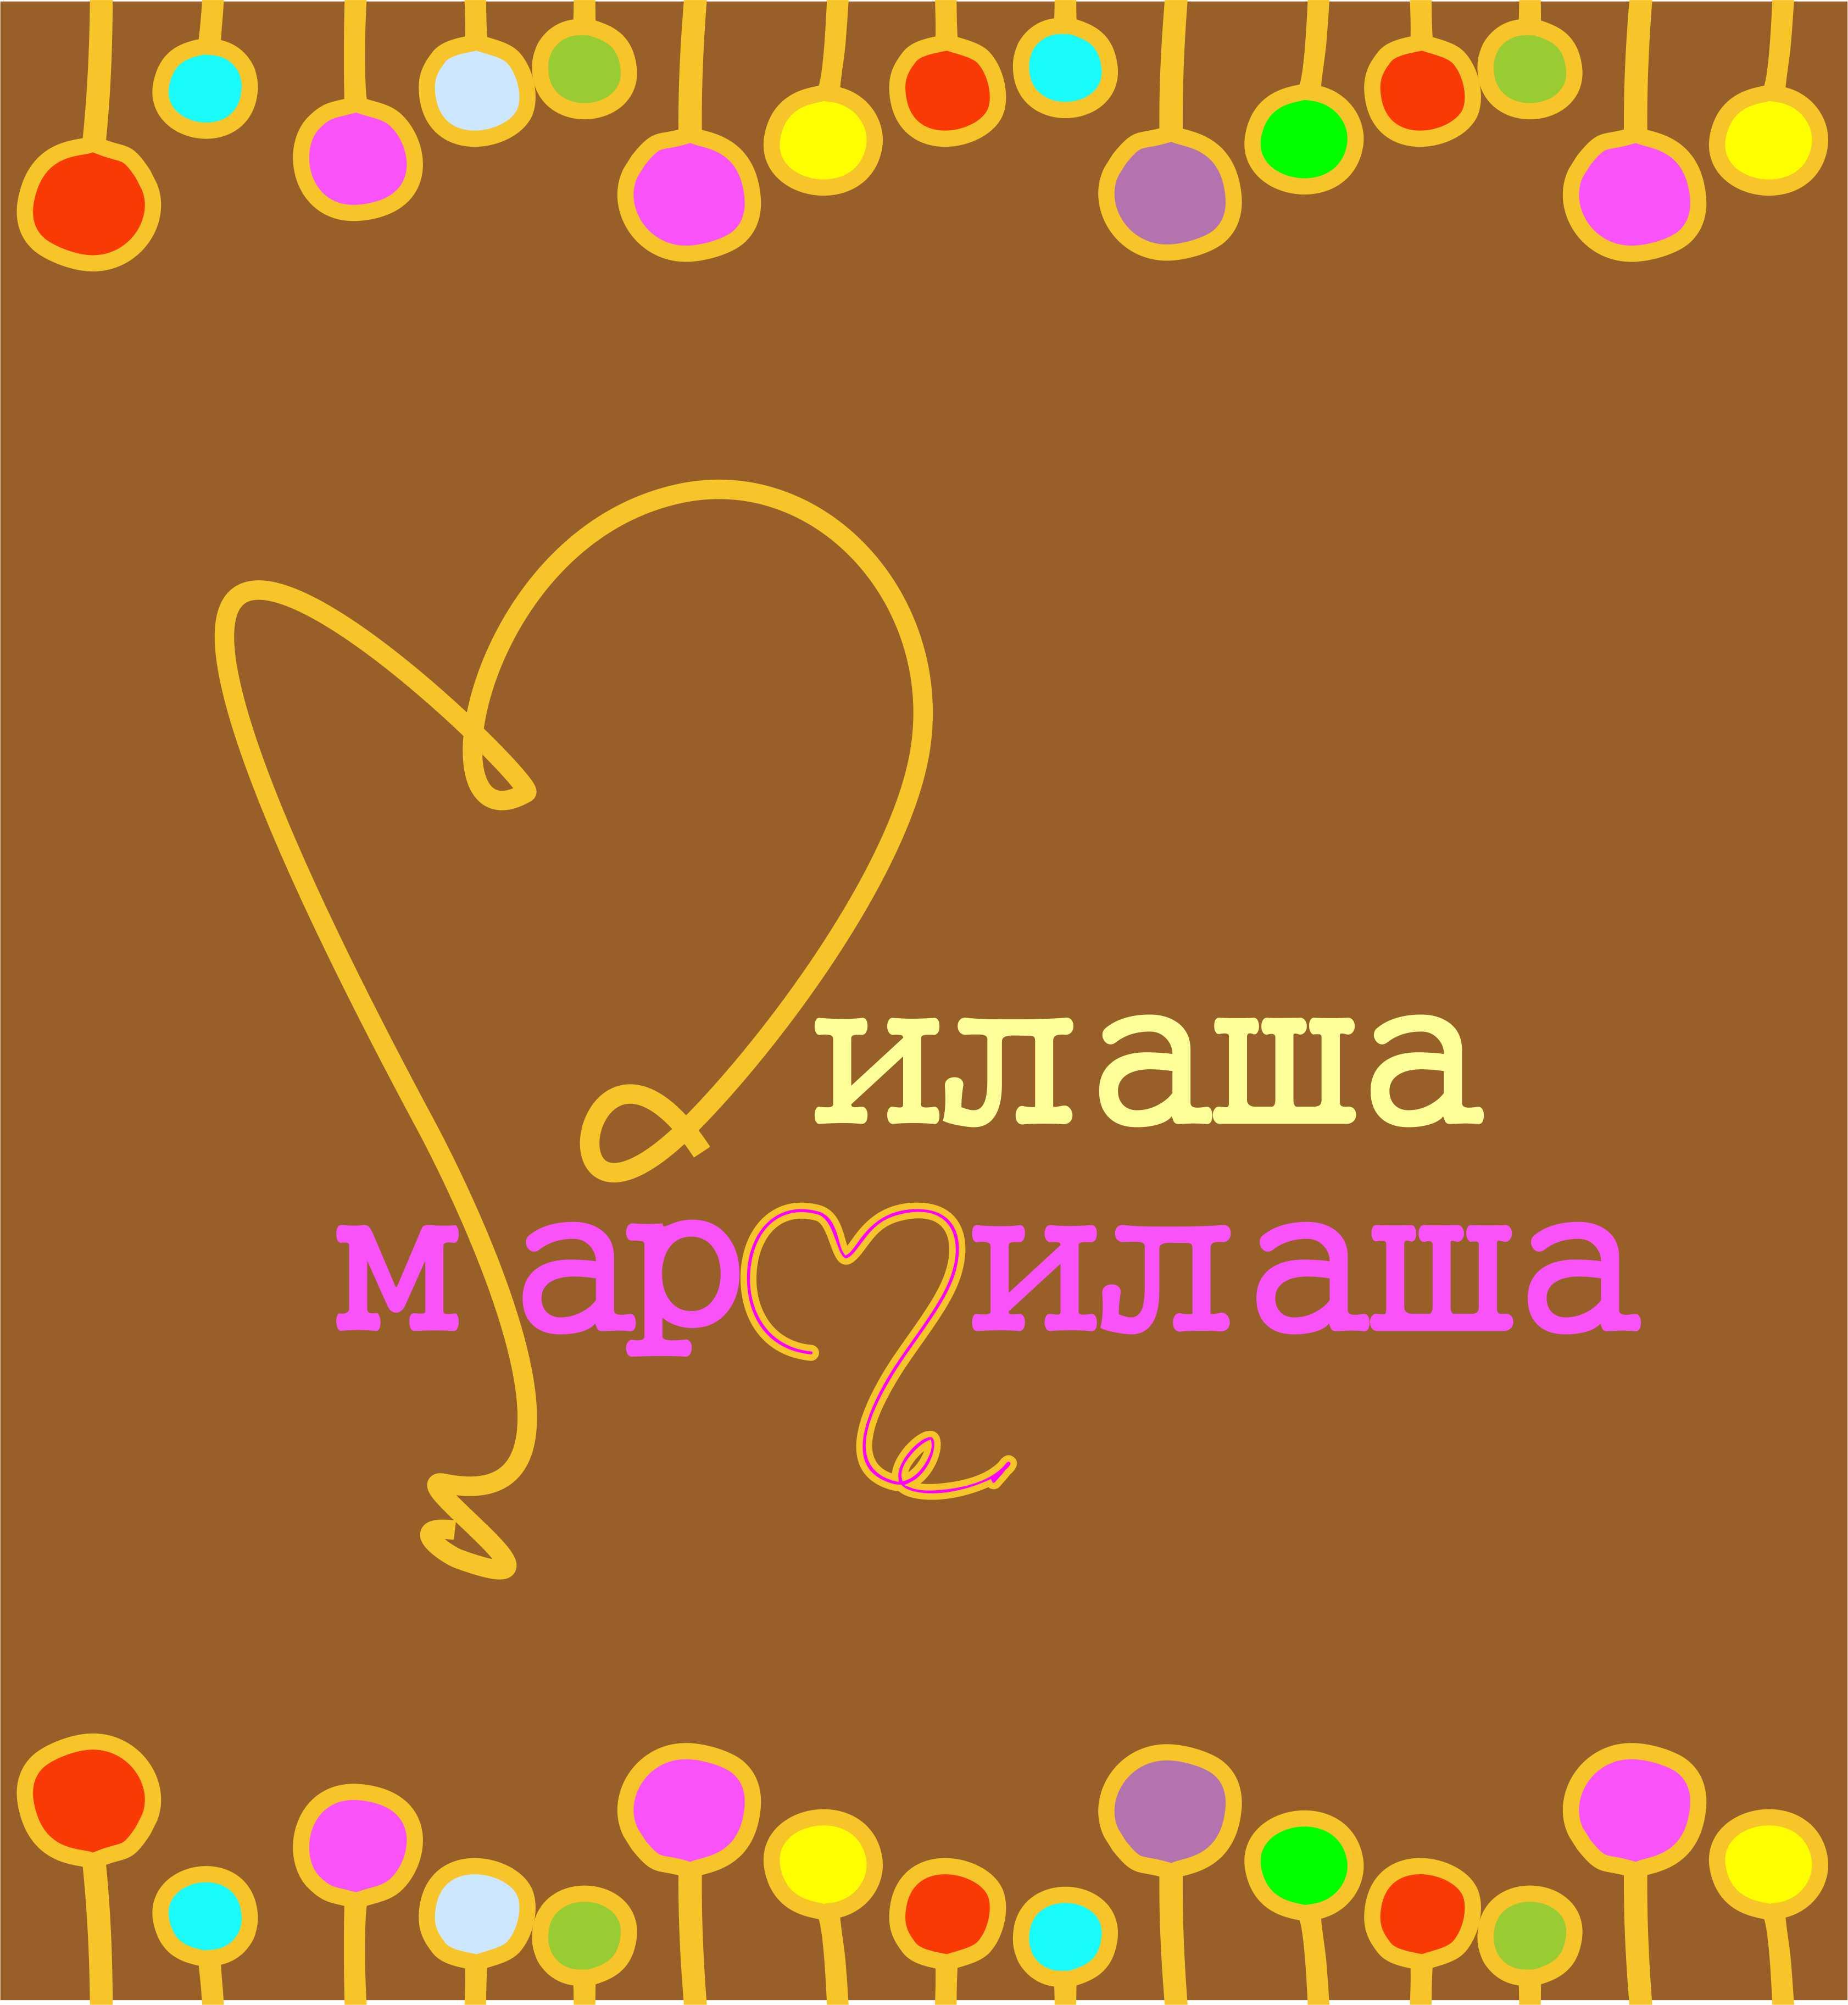 """Логотип для товарного знака """"Милаша-Мармилаша"""" фото f_812587d44b2326de.jpg"""